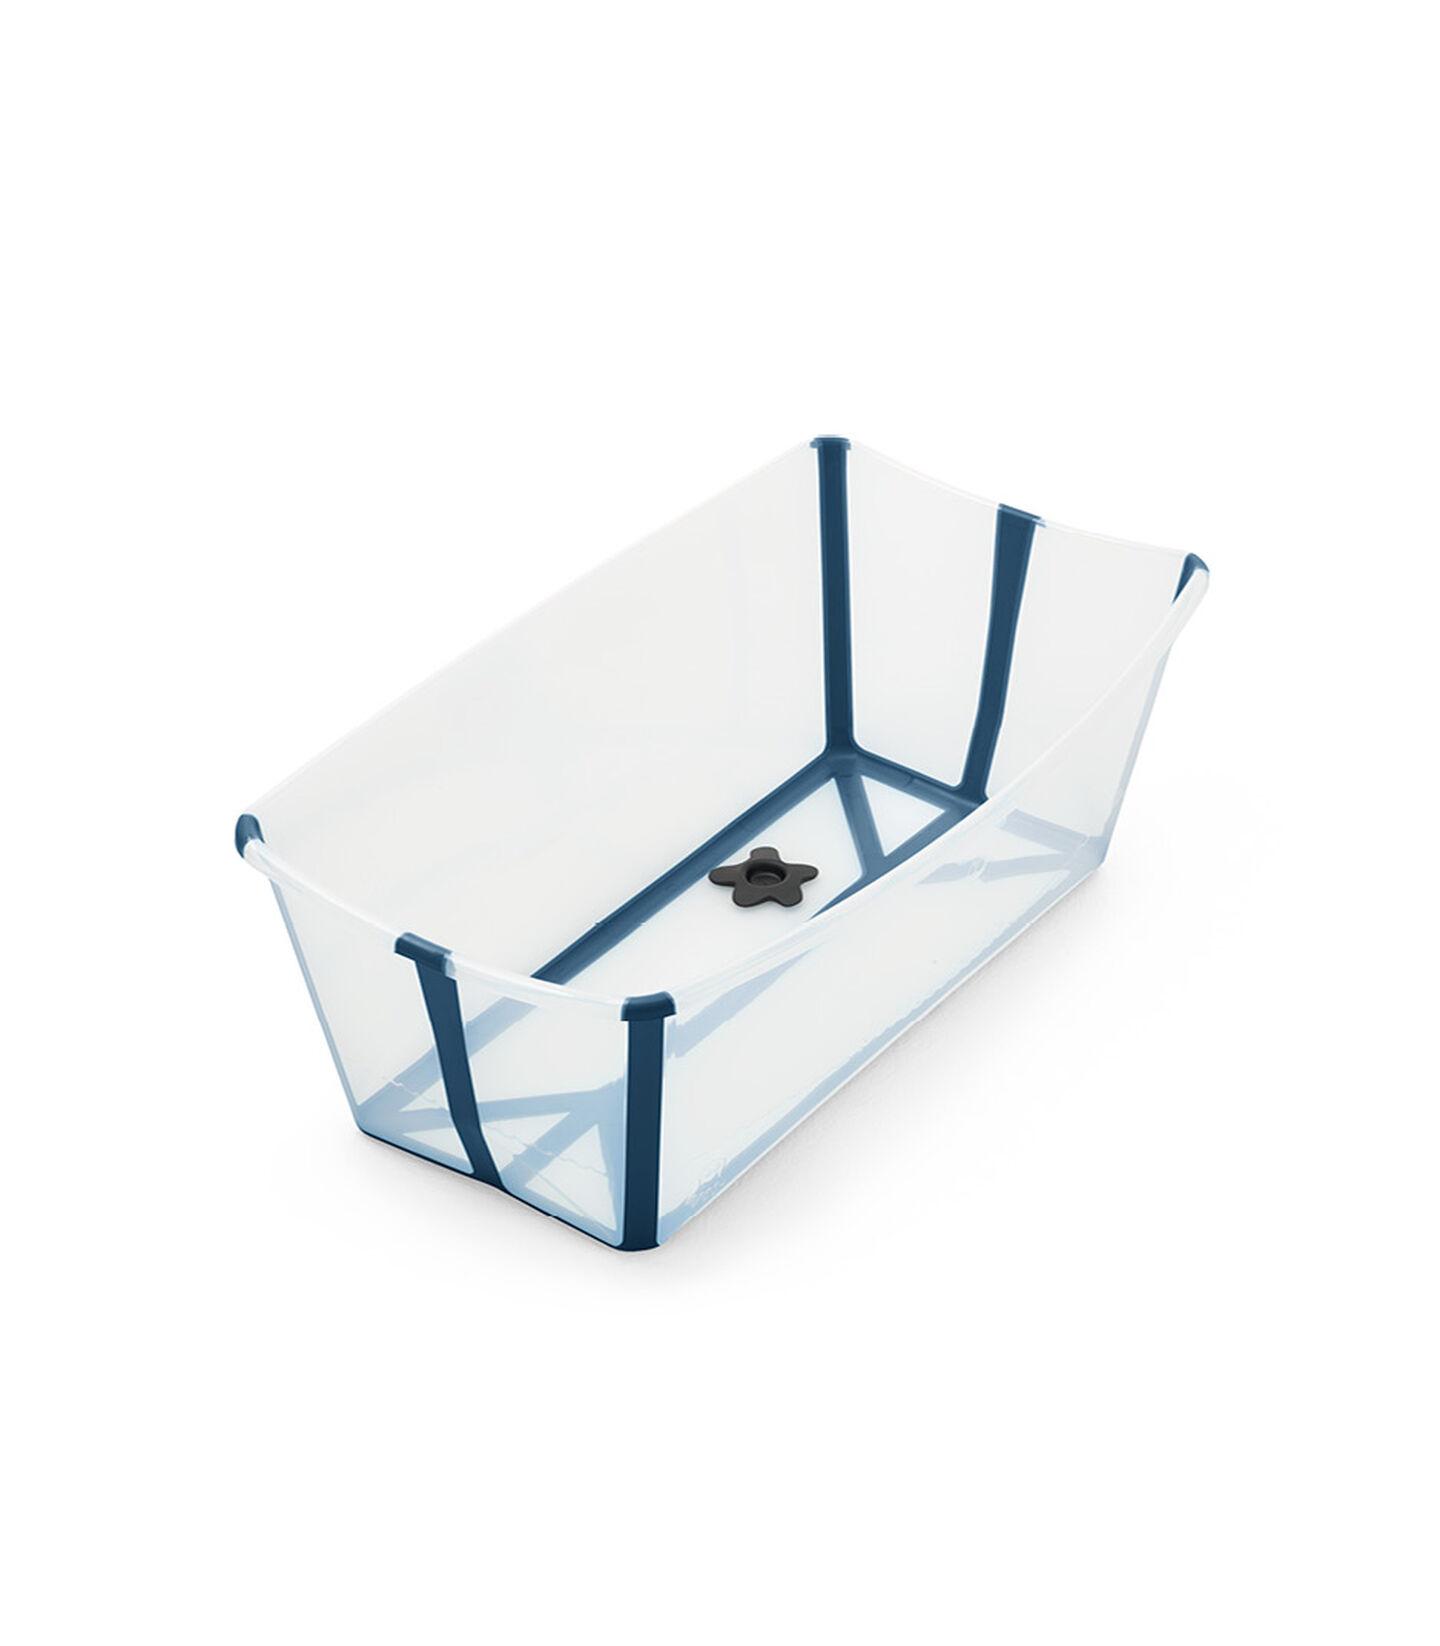 Stokke® Flexi Bath® bath tub, Transparent Blue. Open. view 2